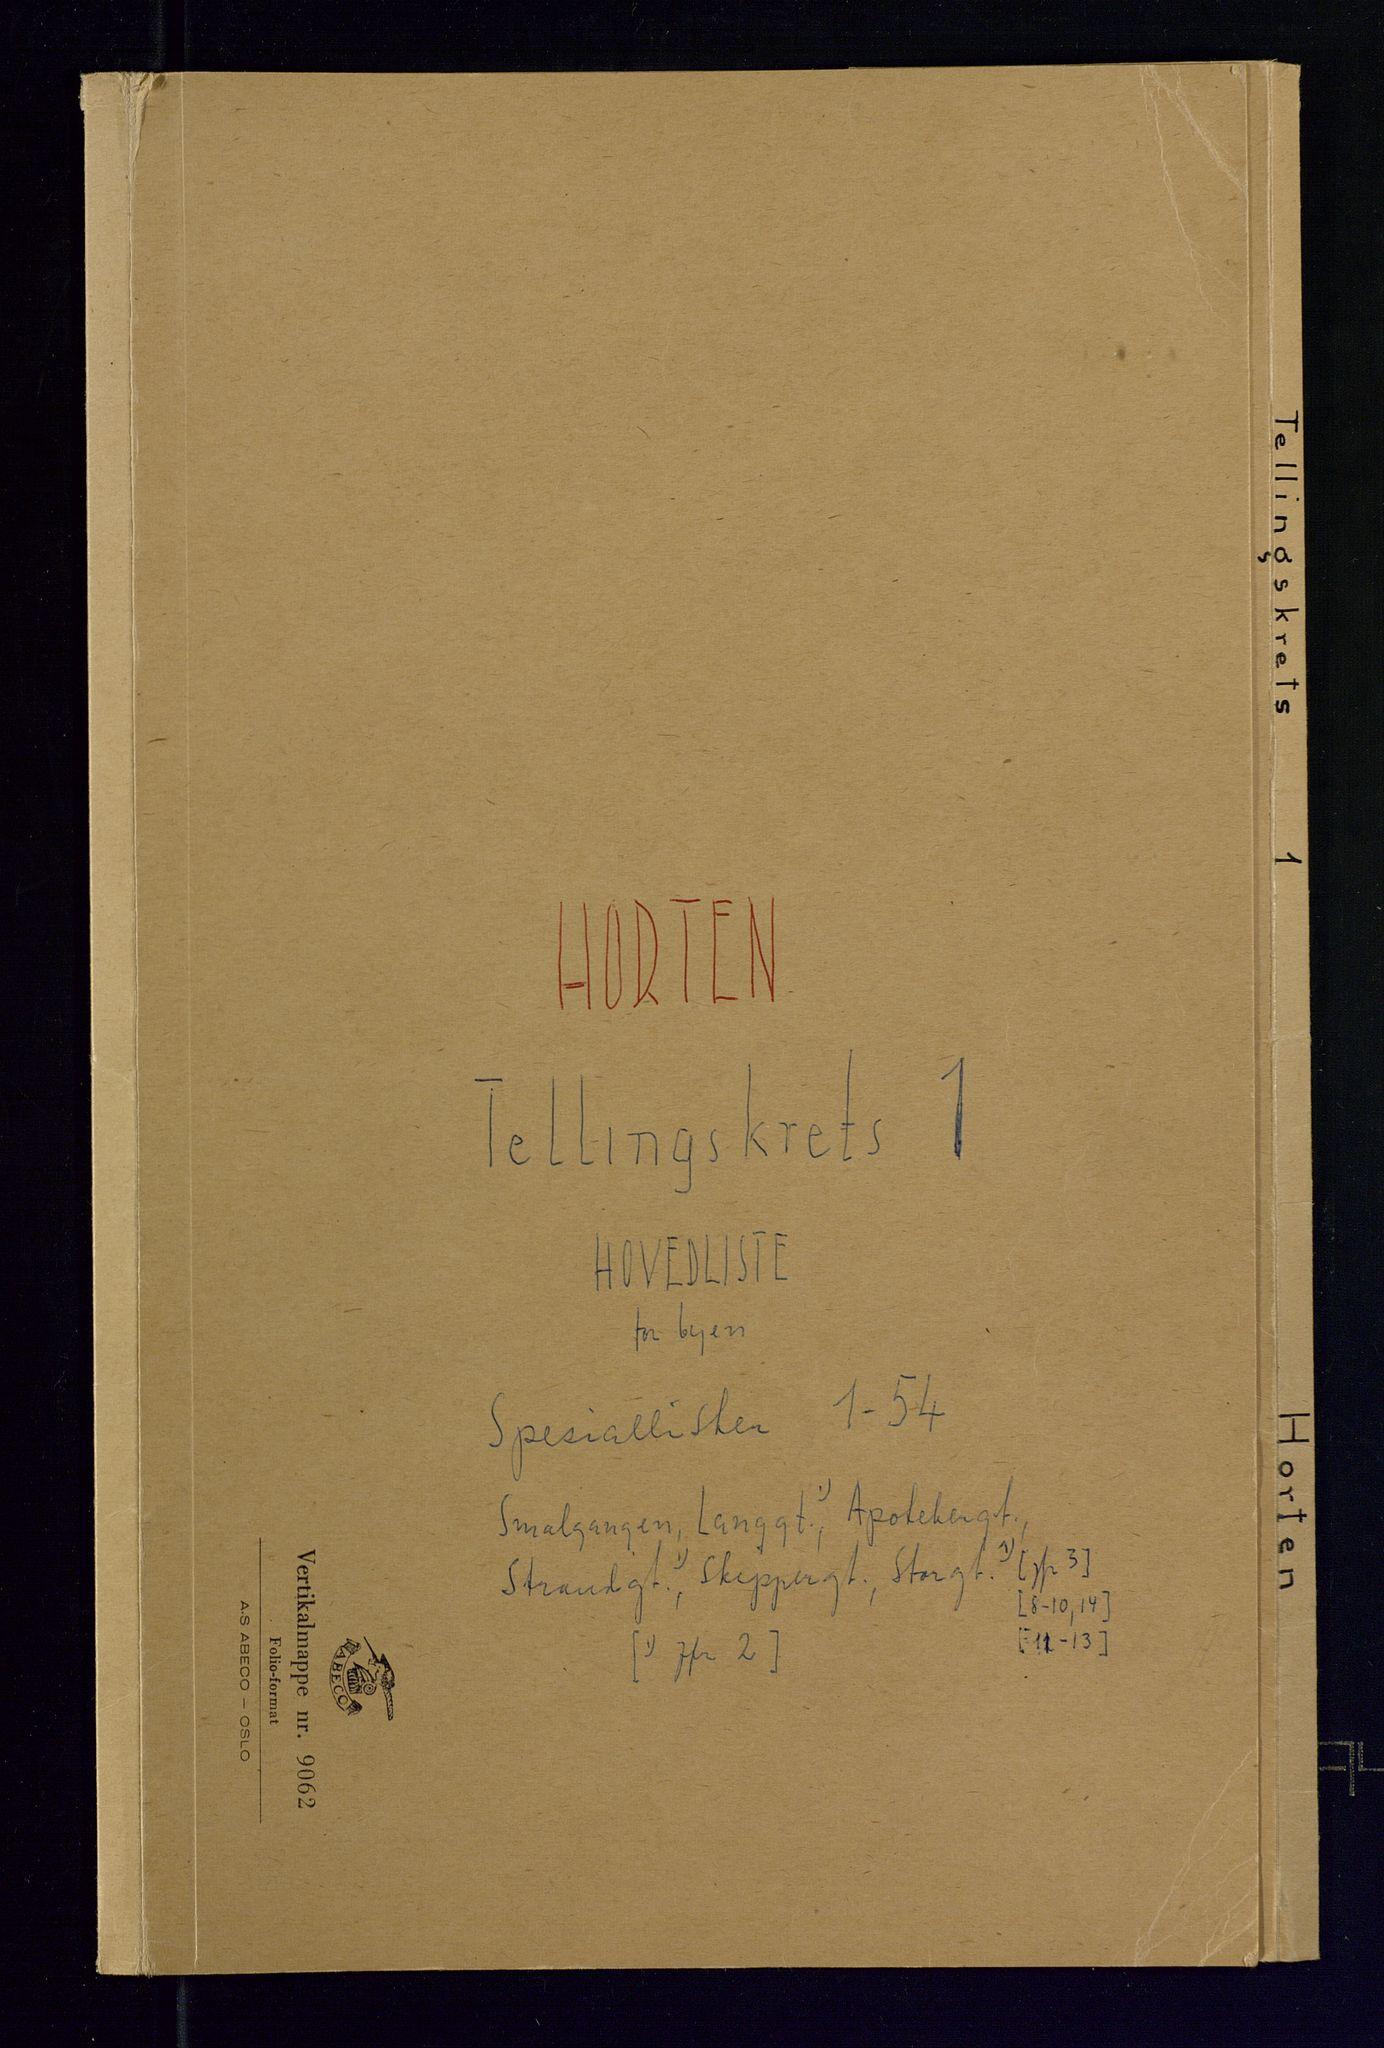 SAKO, Folketelling 1875 for 0703P Horten prestegjeld, 1875, s. 1